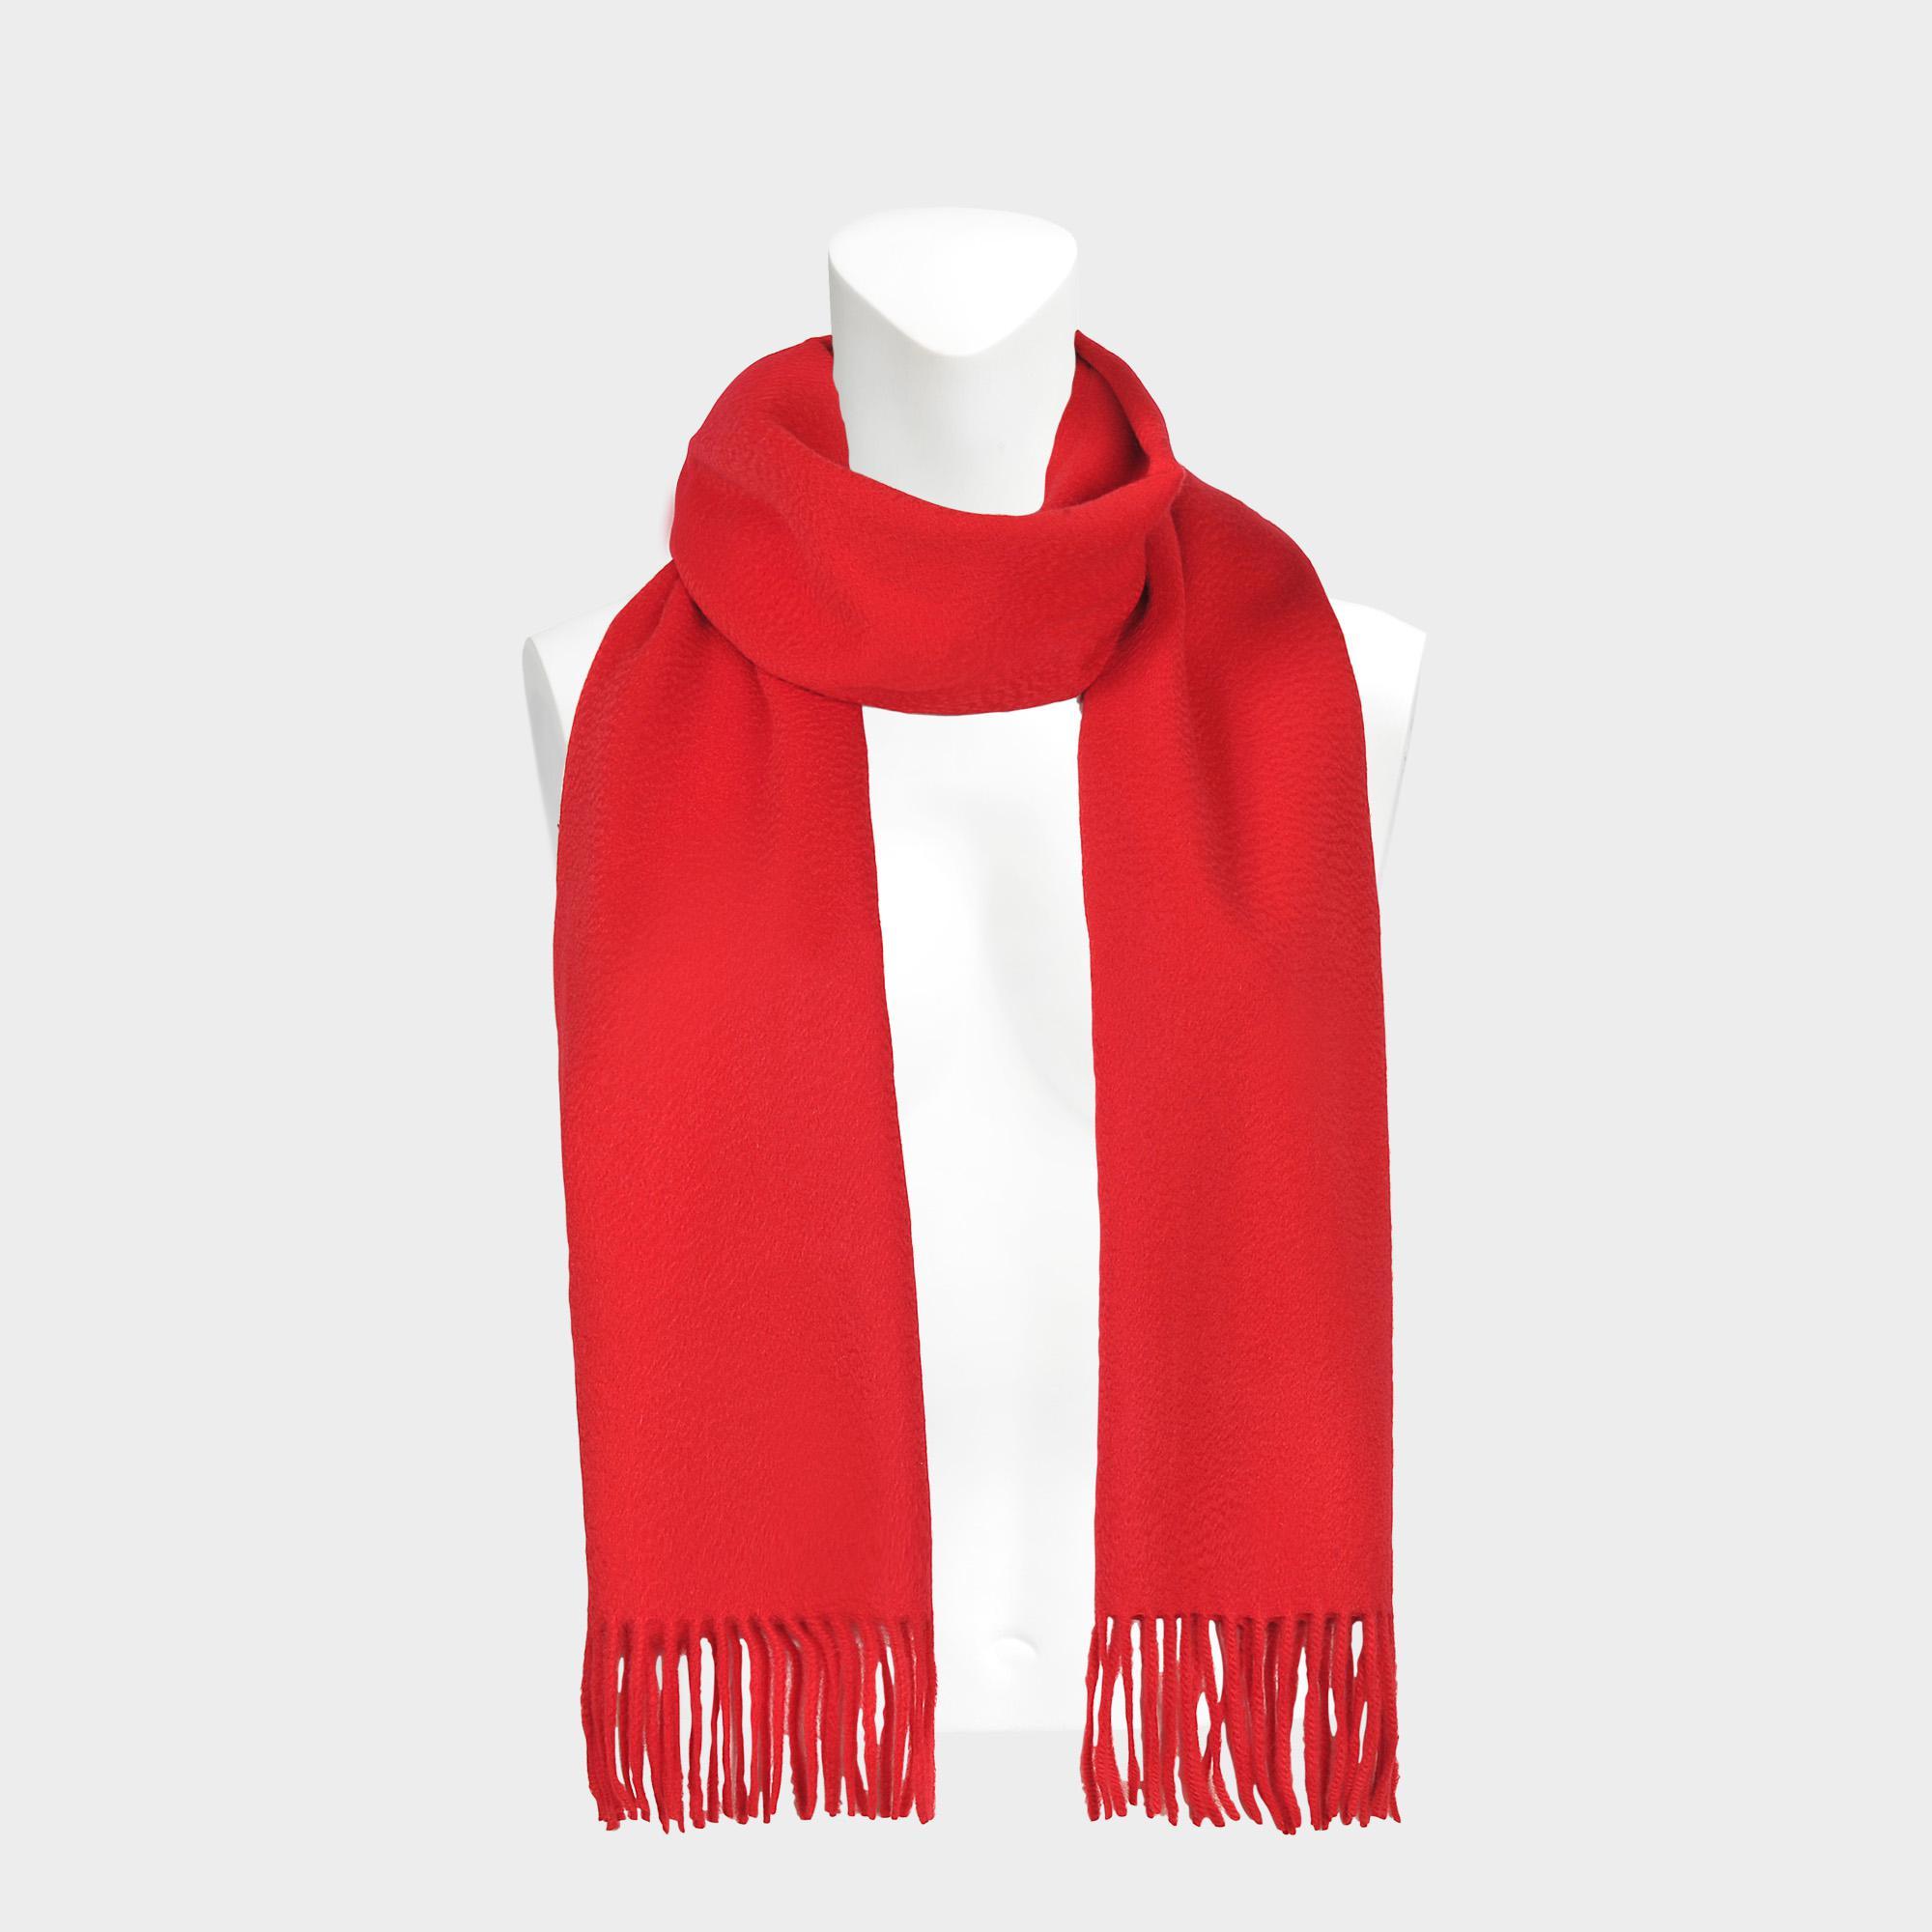 a0ca8bfa84fe Lyst - Echarpe classique en cachemire rouge gorge Eric Bompard en ...